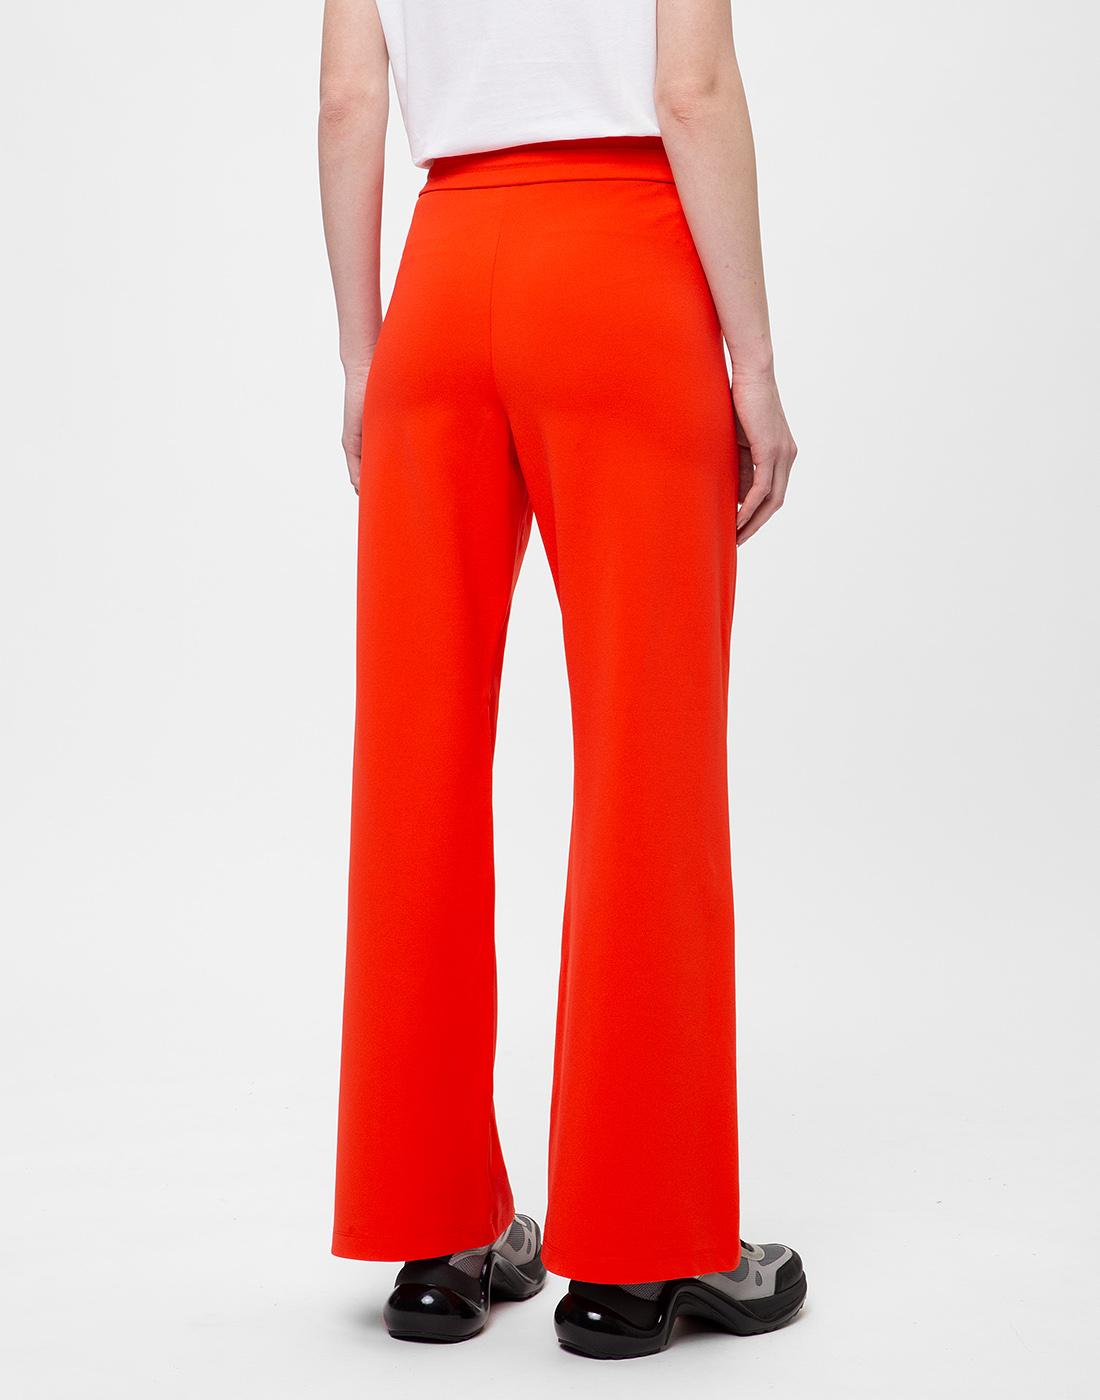 Женские красные брюки Dorothee Schumacher S626012/434-4